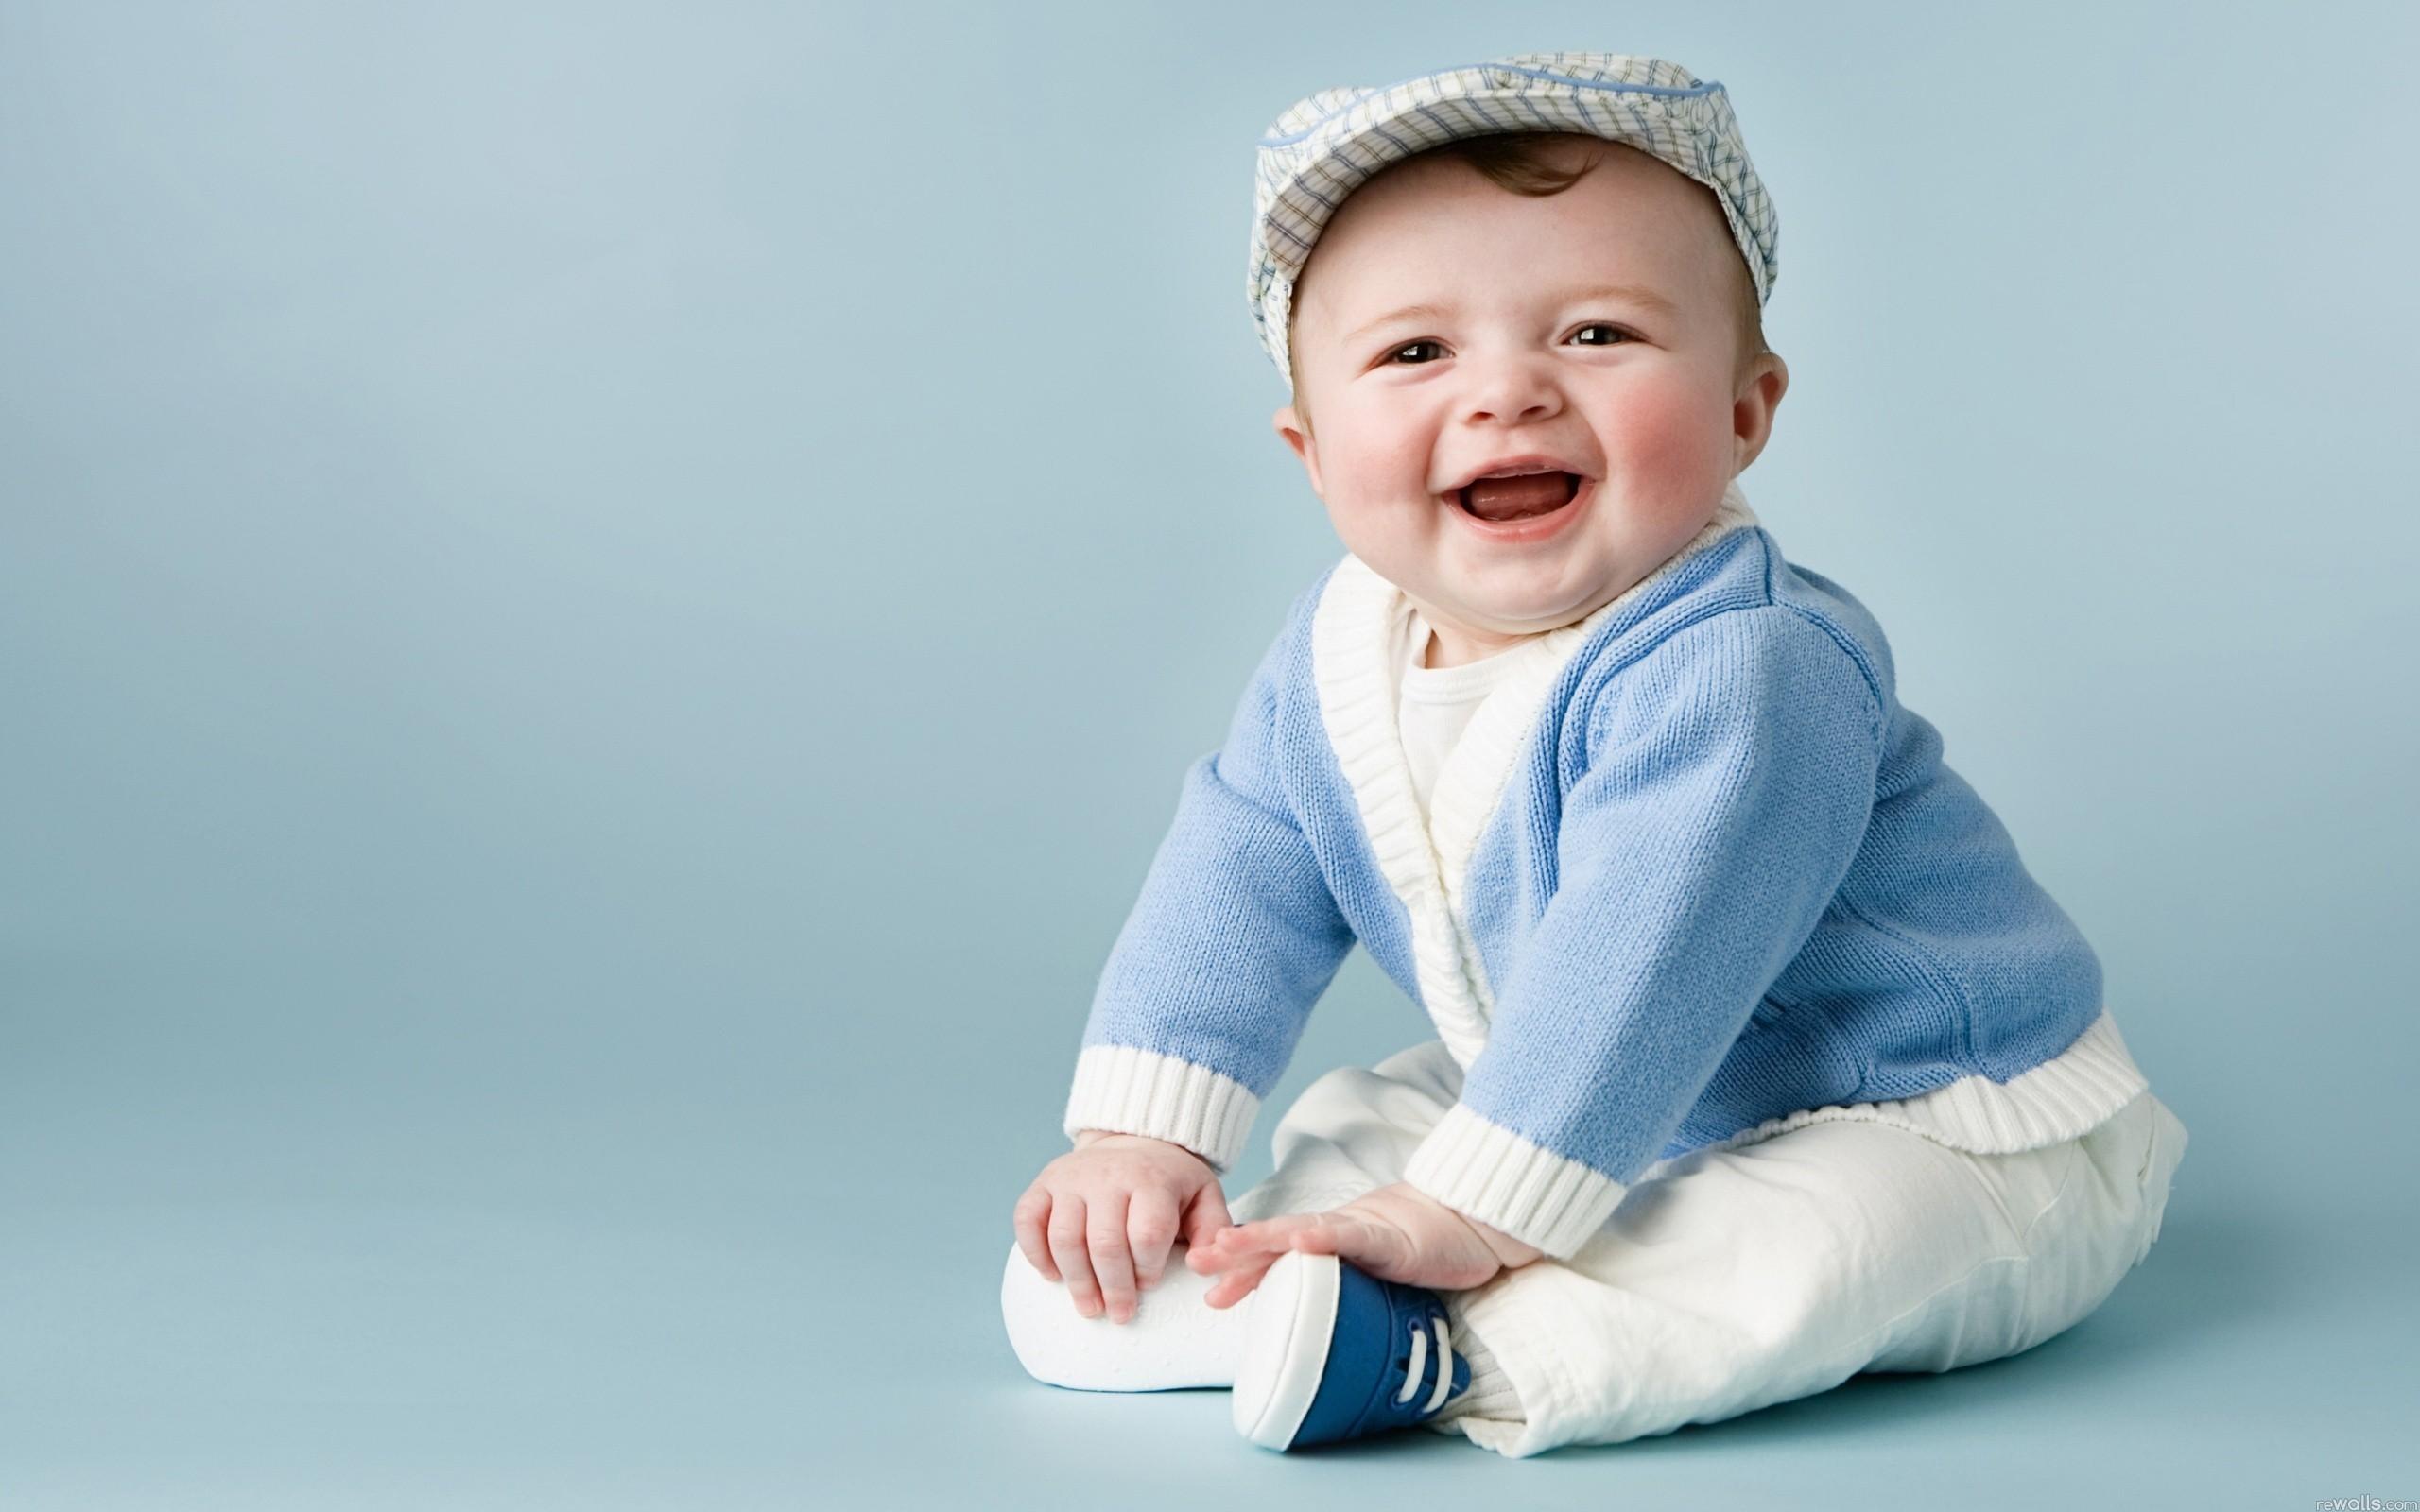 Ropa de bebe - 2560x1600